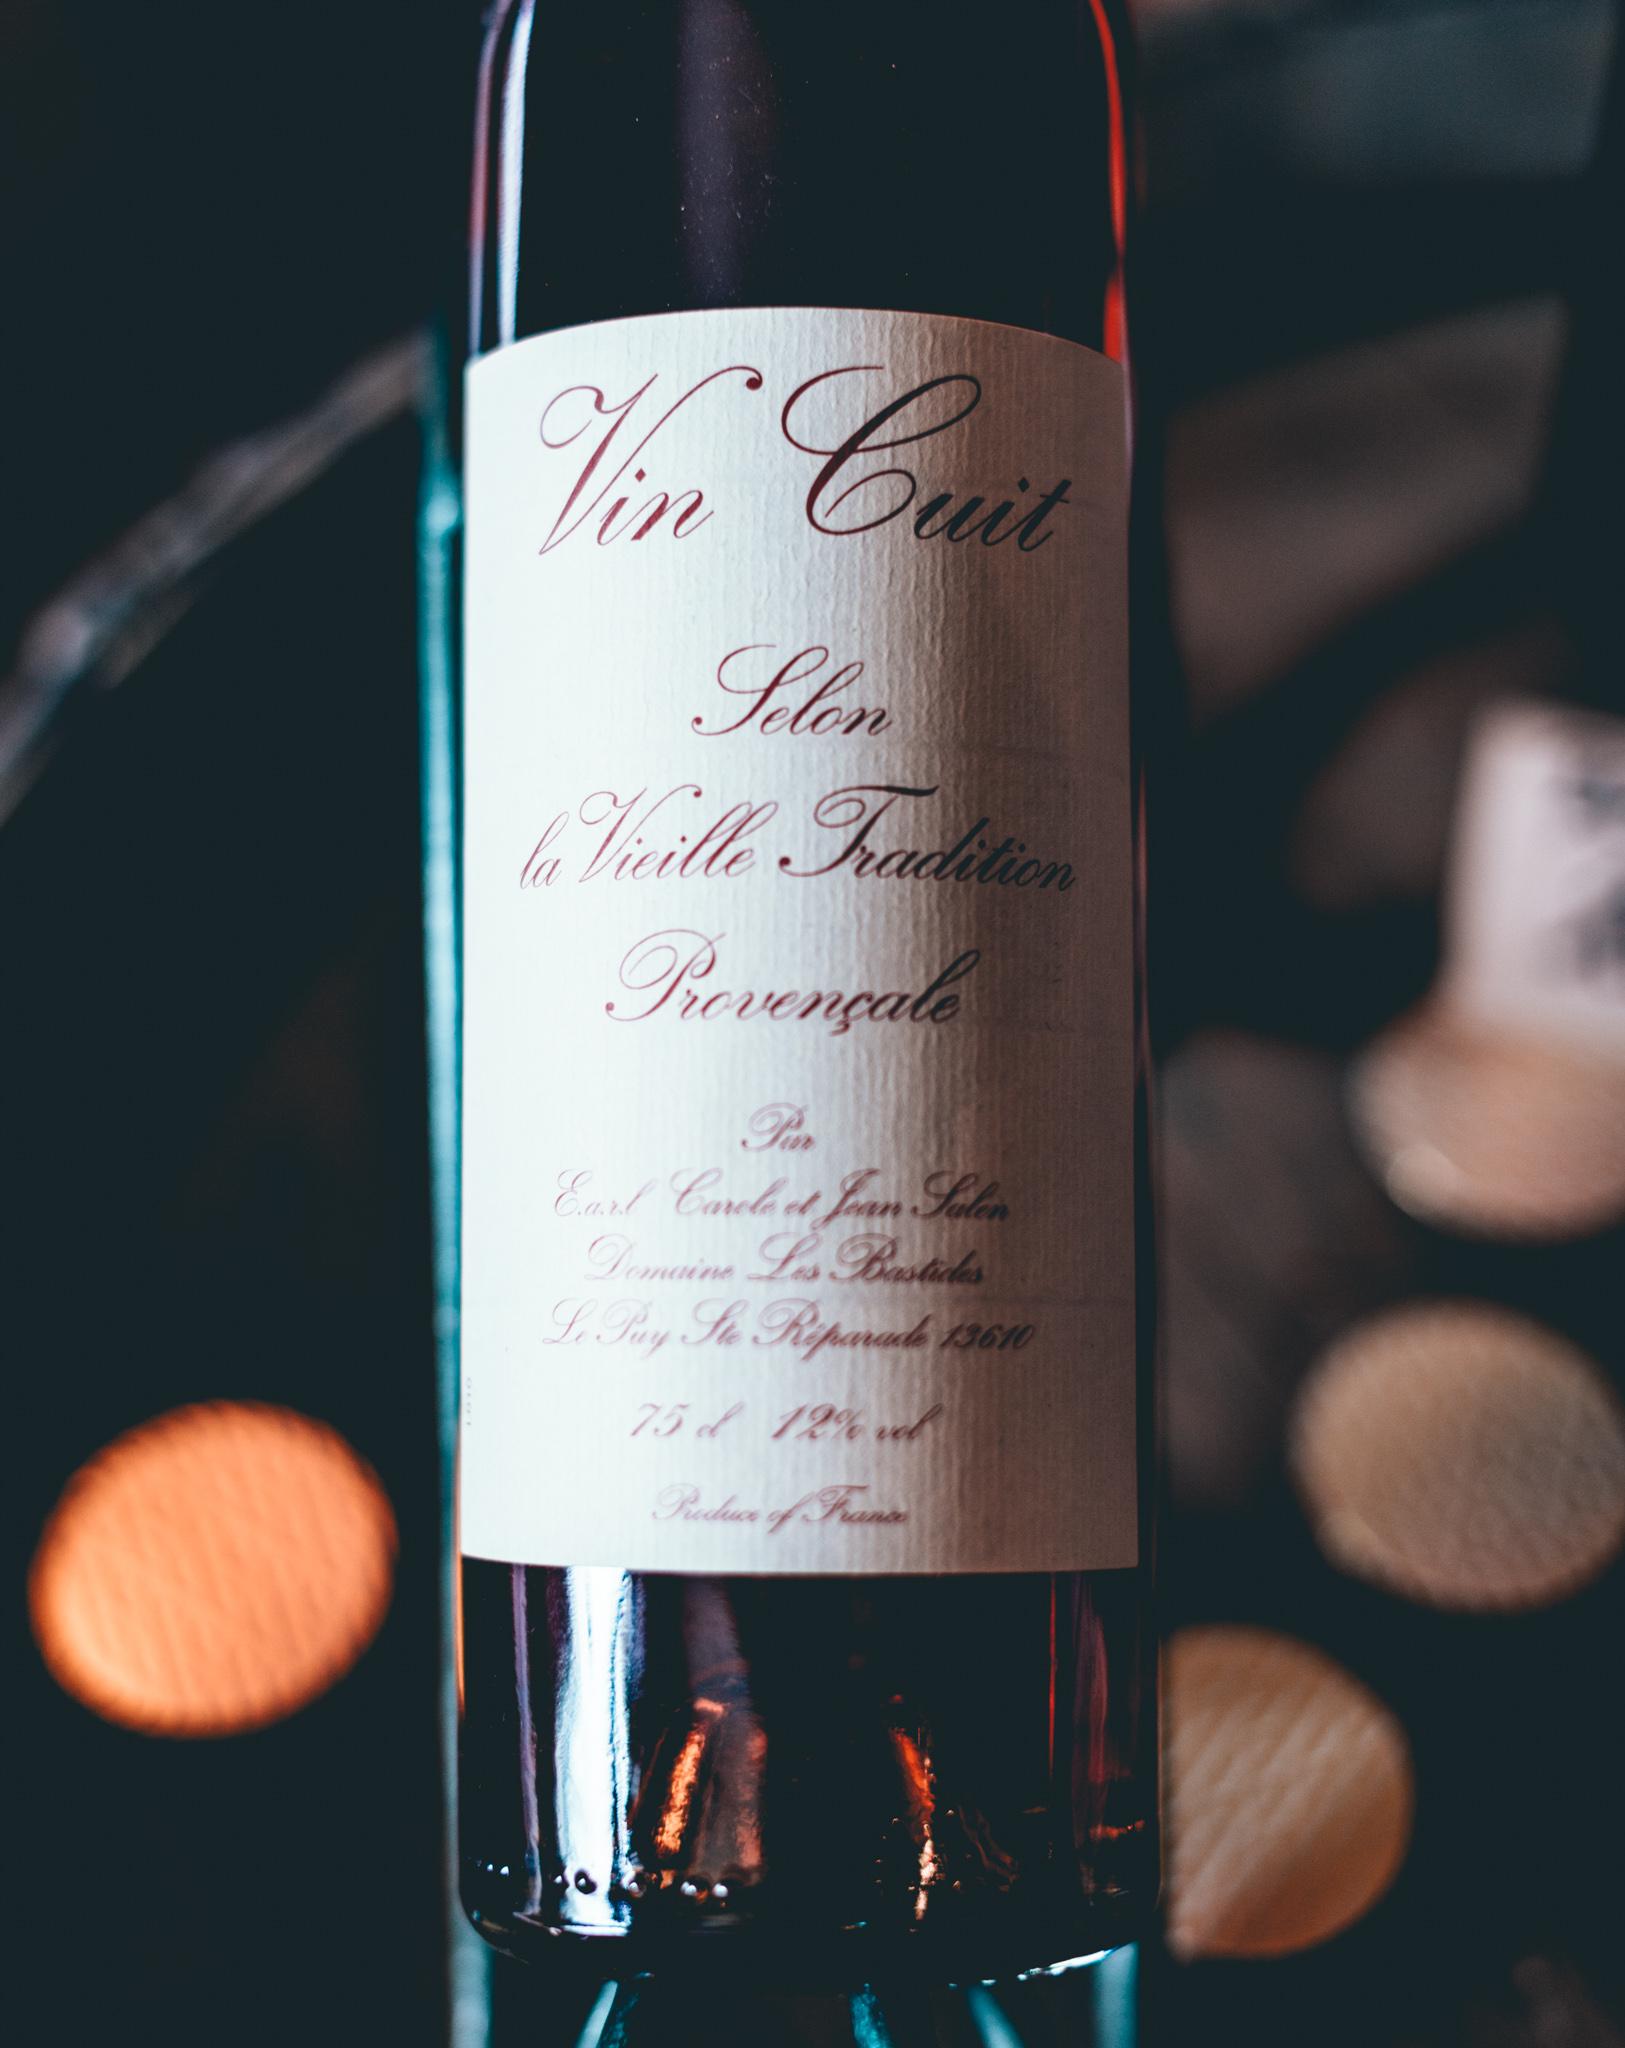 France : Provence : Vin Cuit at Domaine Les Bastides in Coteaux-d'Aix-en-Provence